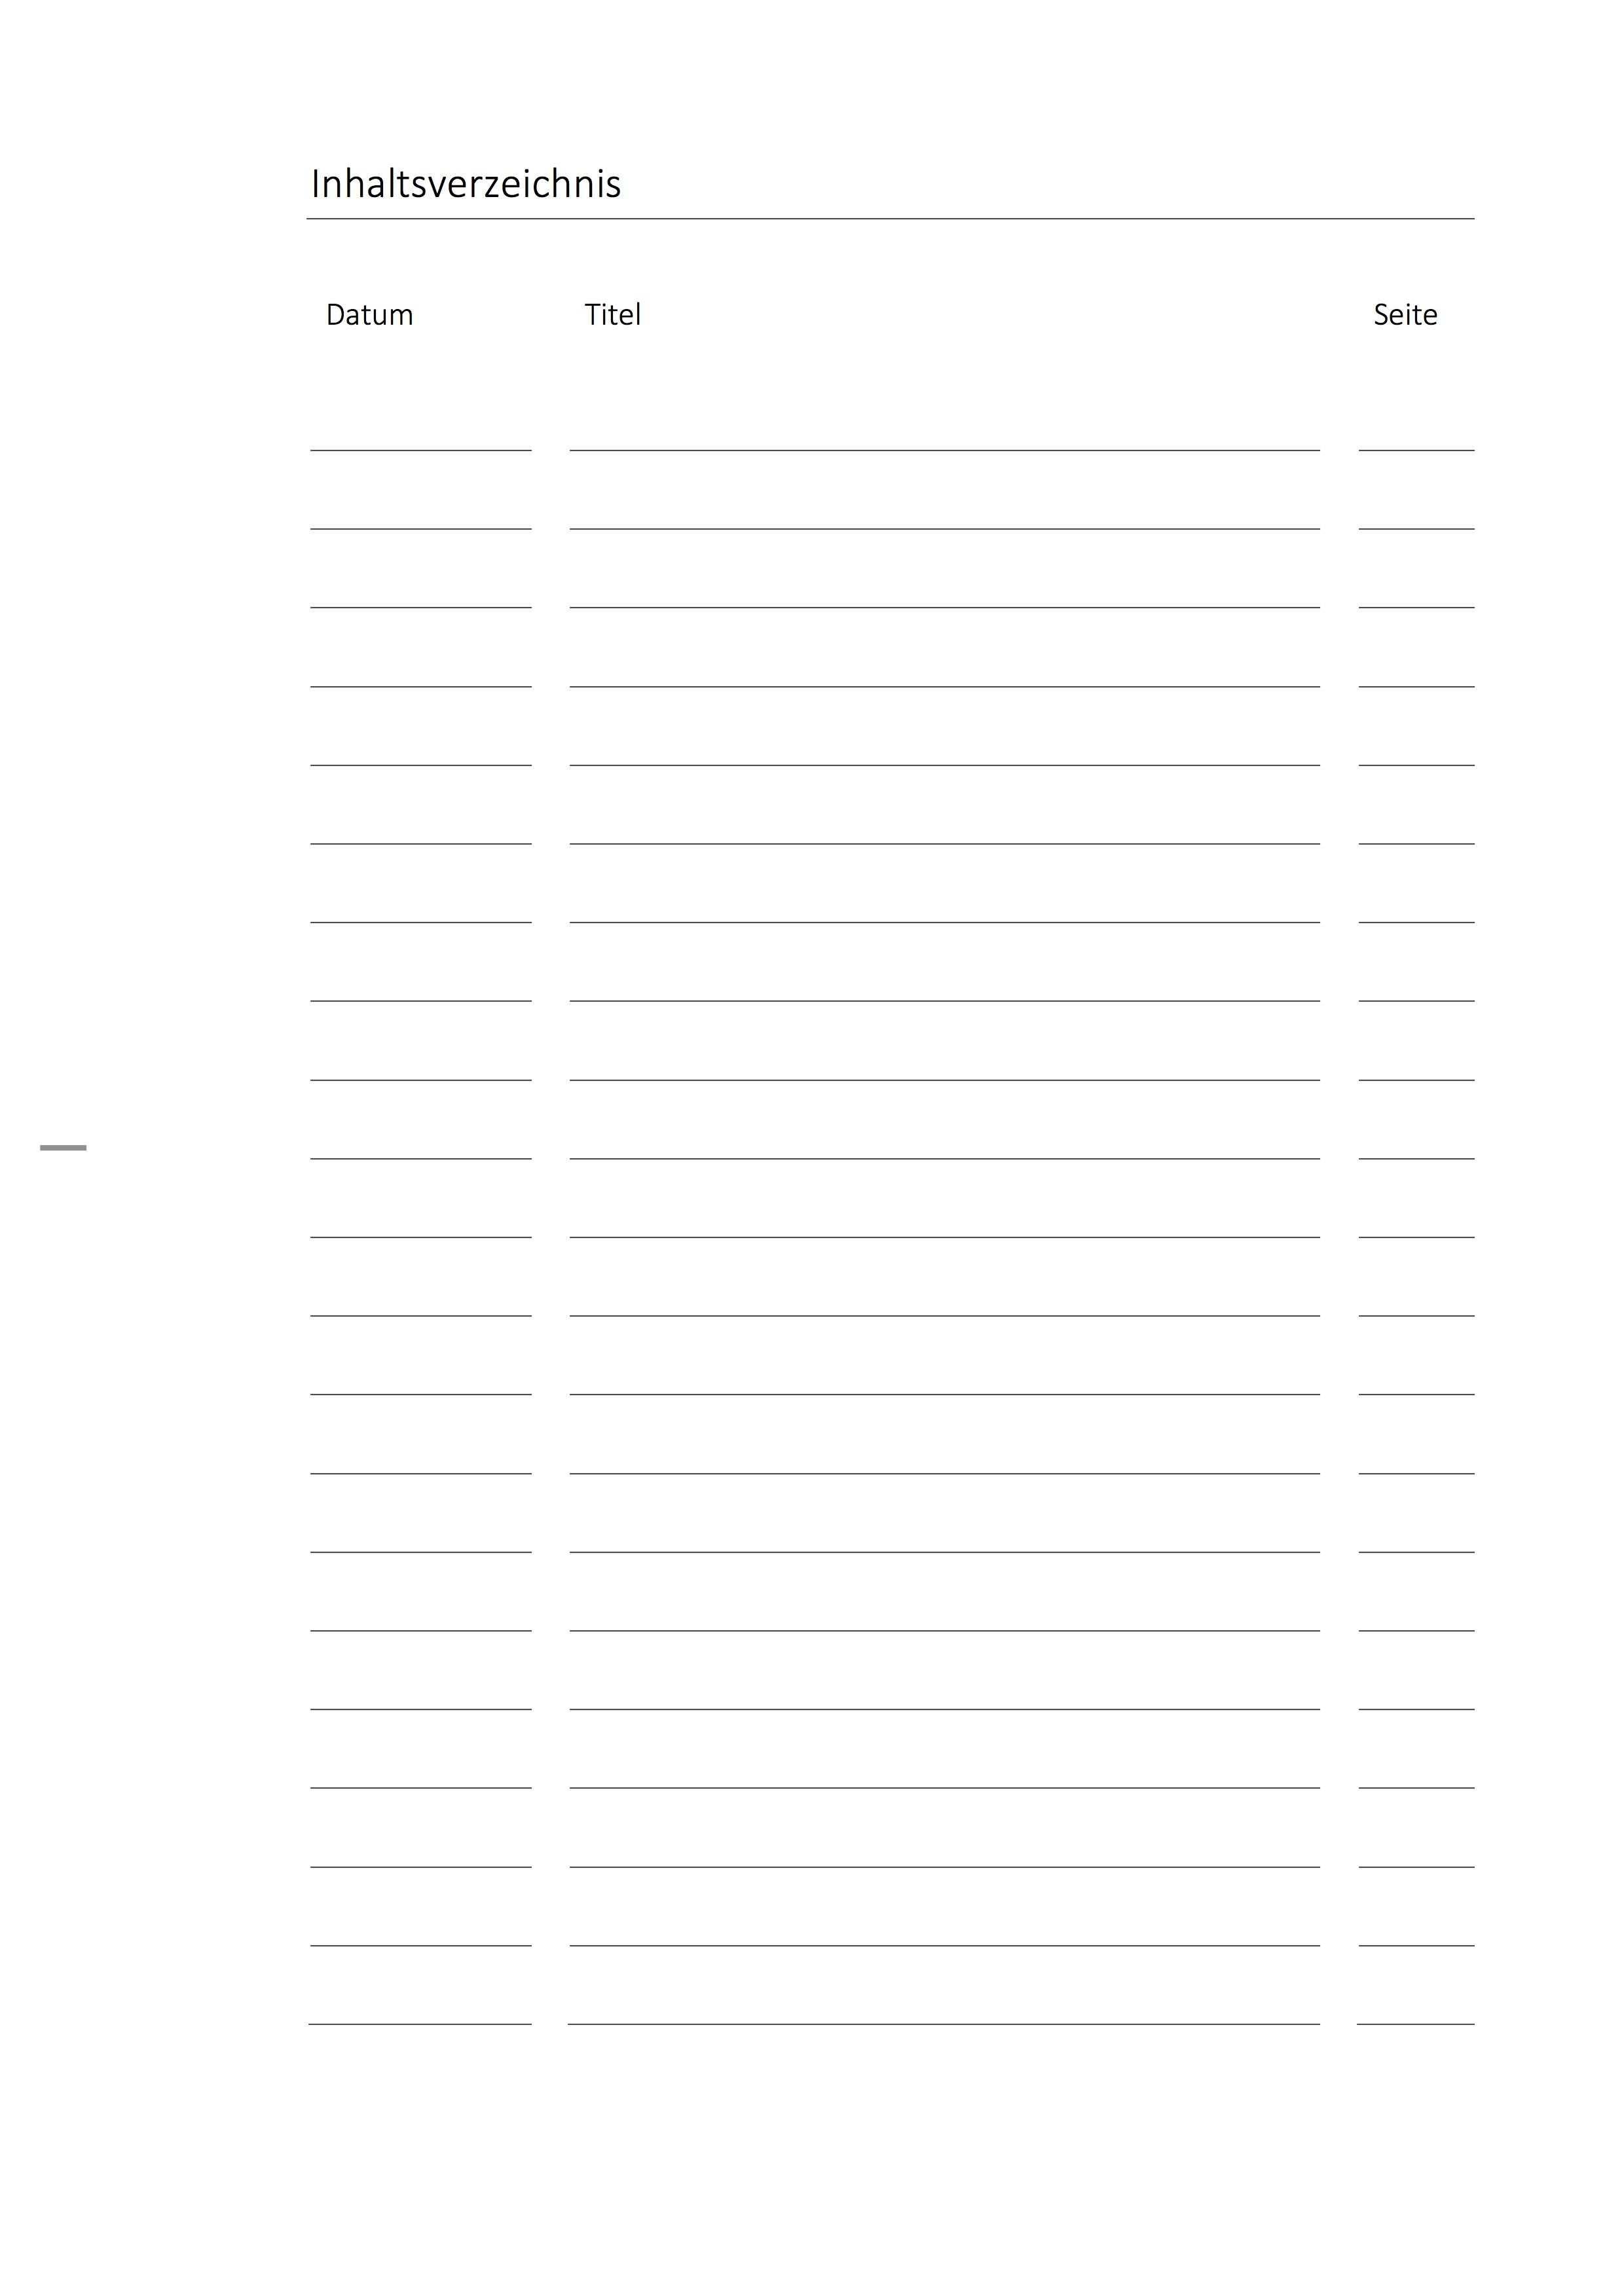 Deckblatt Paket Biologie Mit Inhaltsverzeichnis